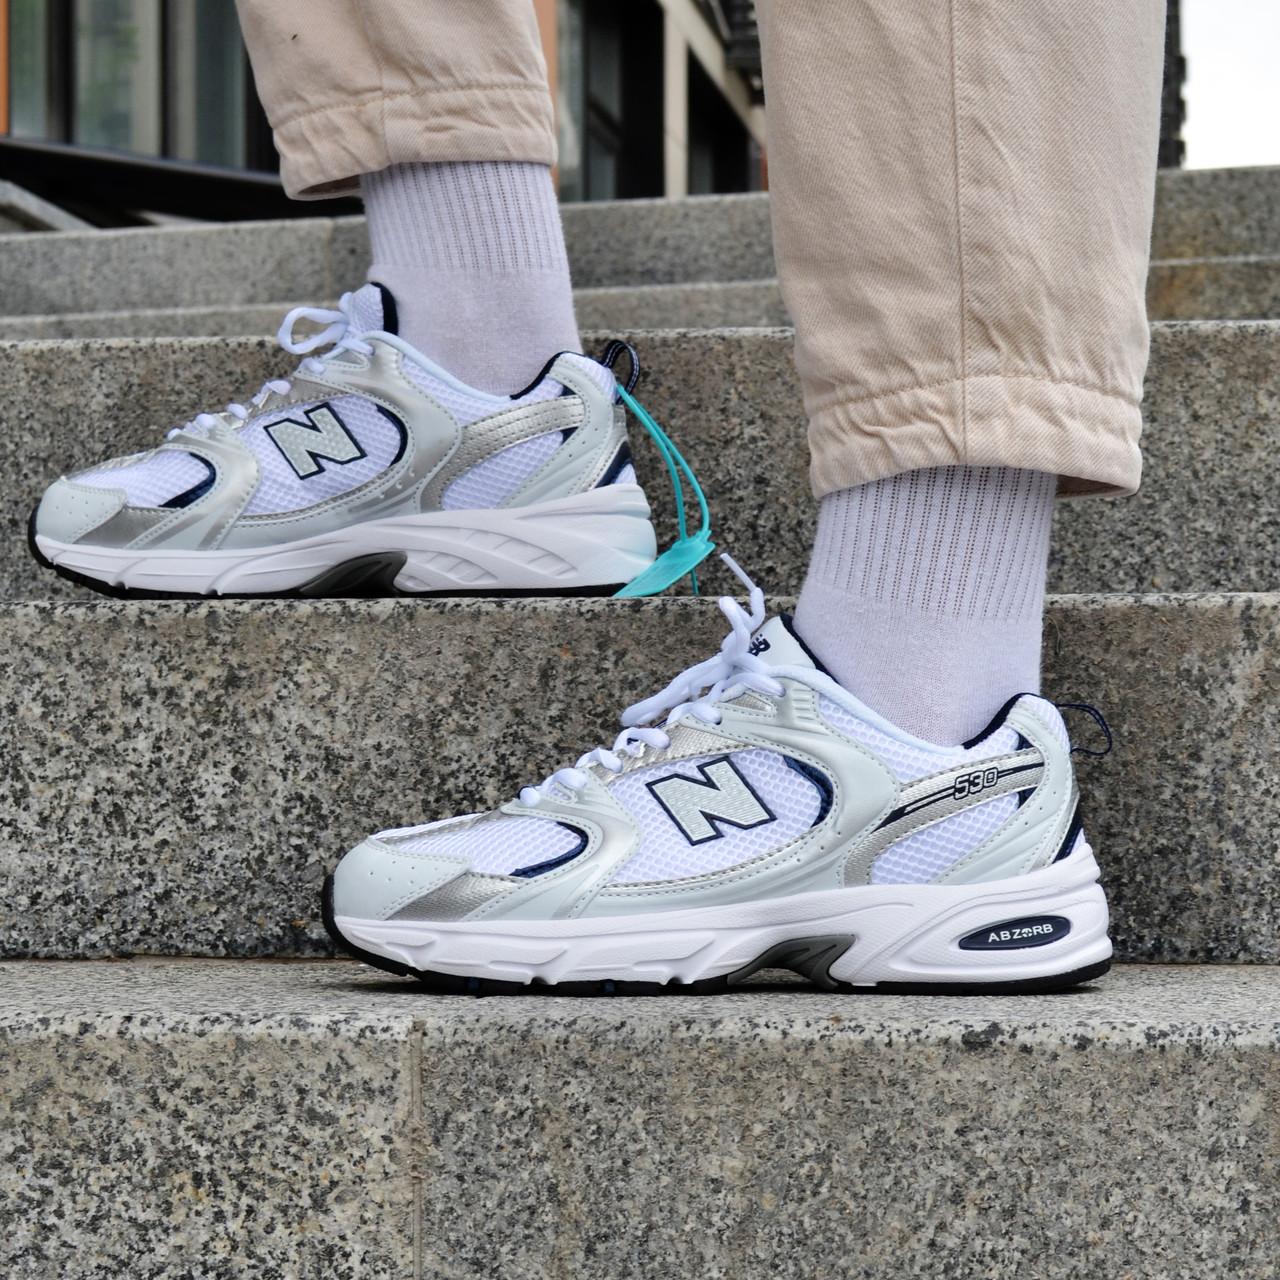 Кросівки чоловічі New Balance 530 White Blue Нью Беланс 530 Білі з Синім Репліка